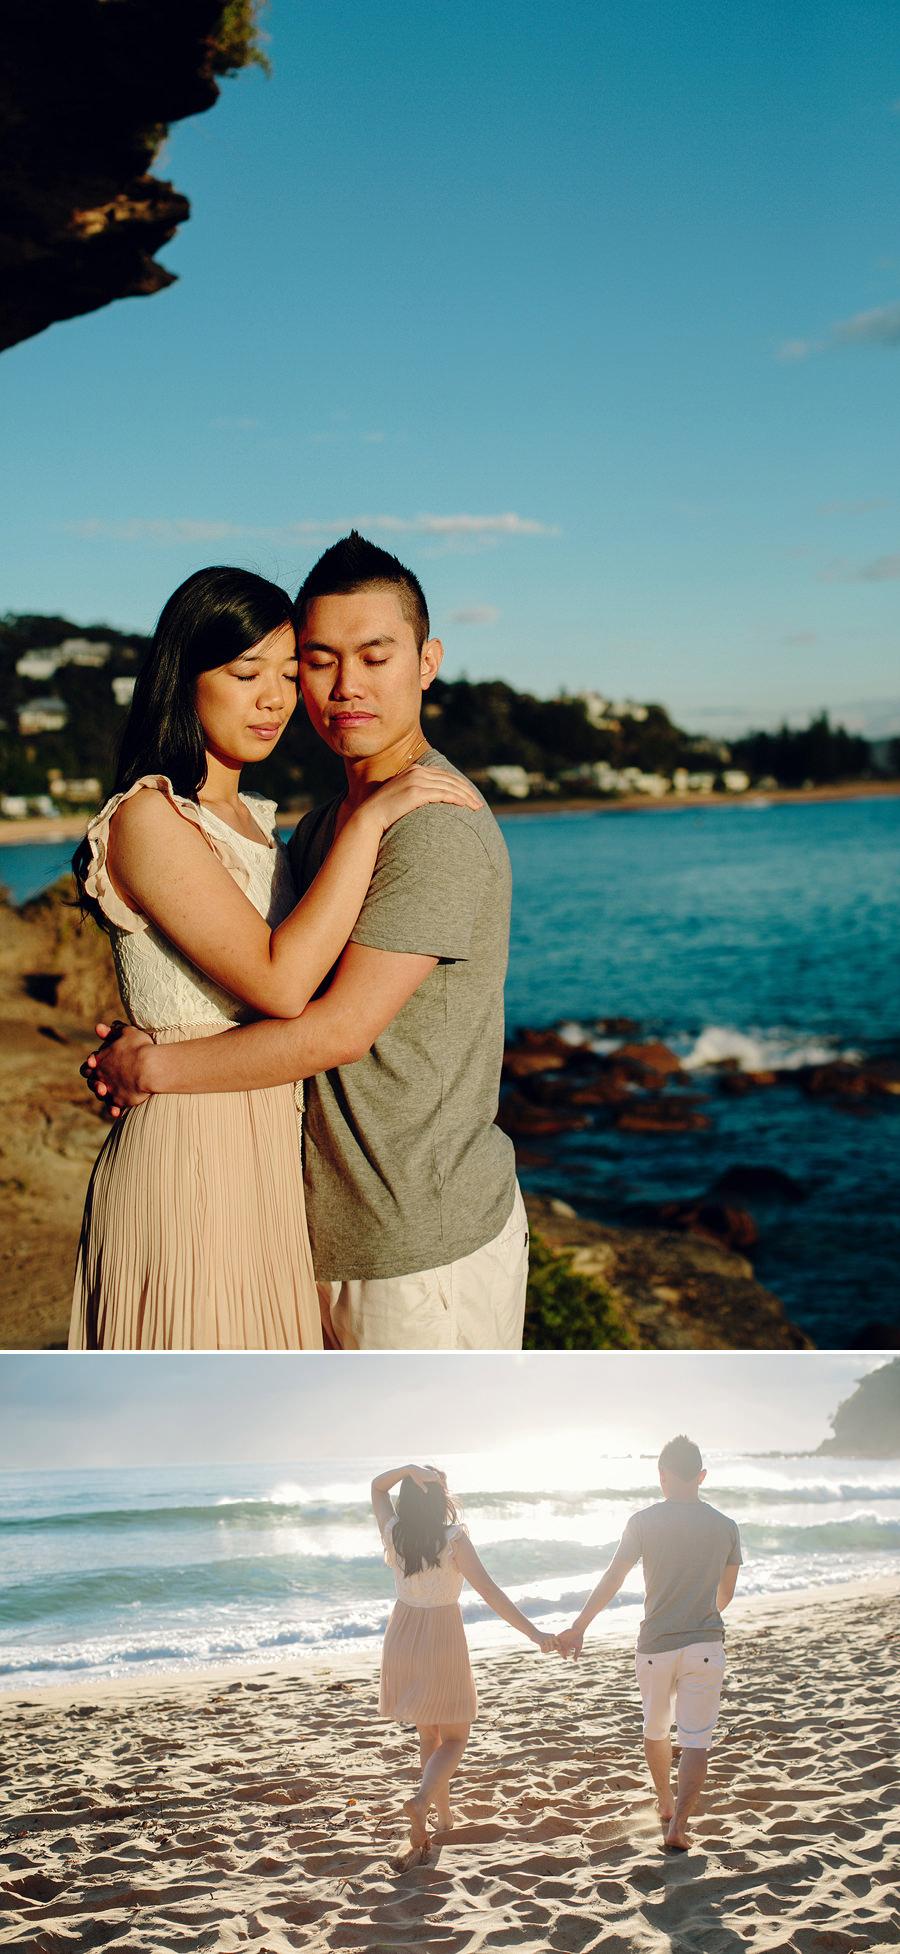 Northern Beaches Engagement Photographers: Shirley & Wilson